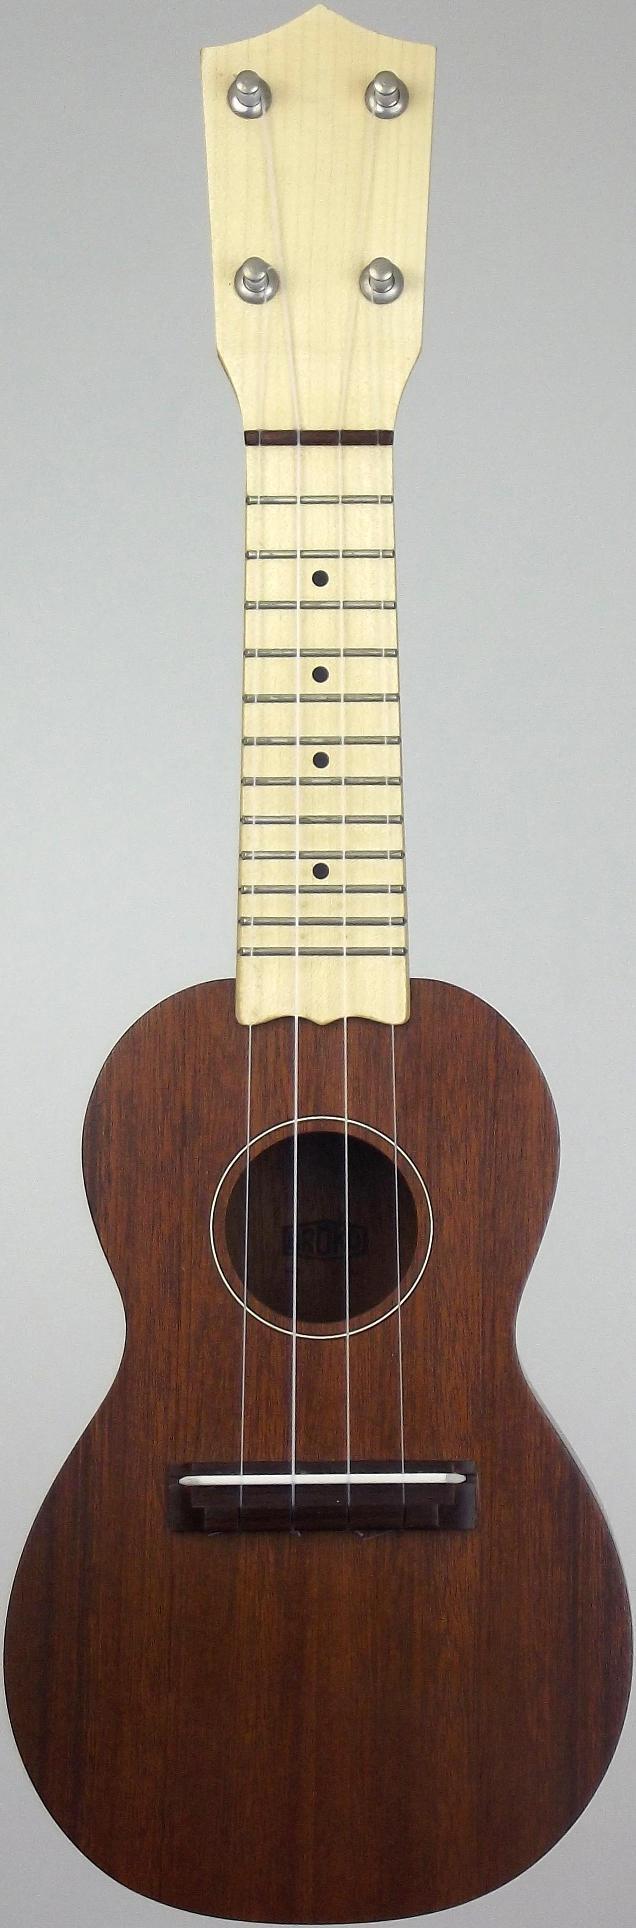 Test Title Ukulele, Ukulele design, Cool ukulele